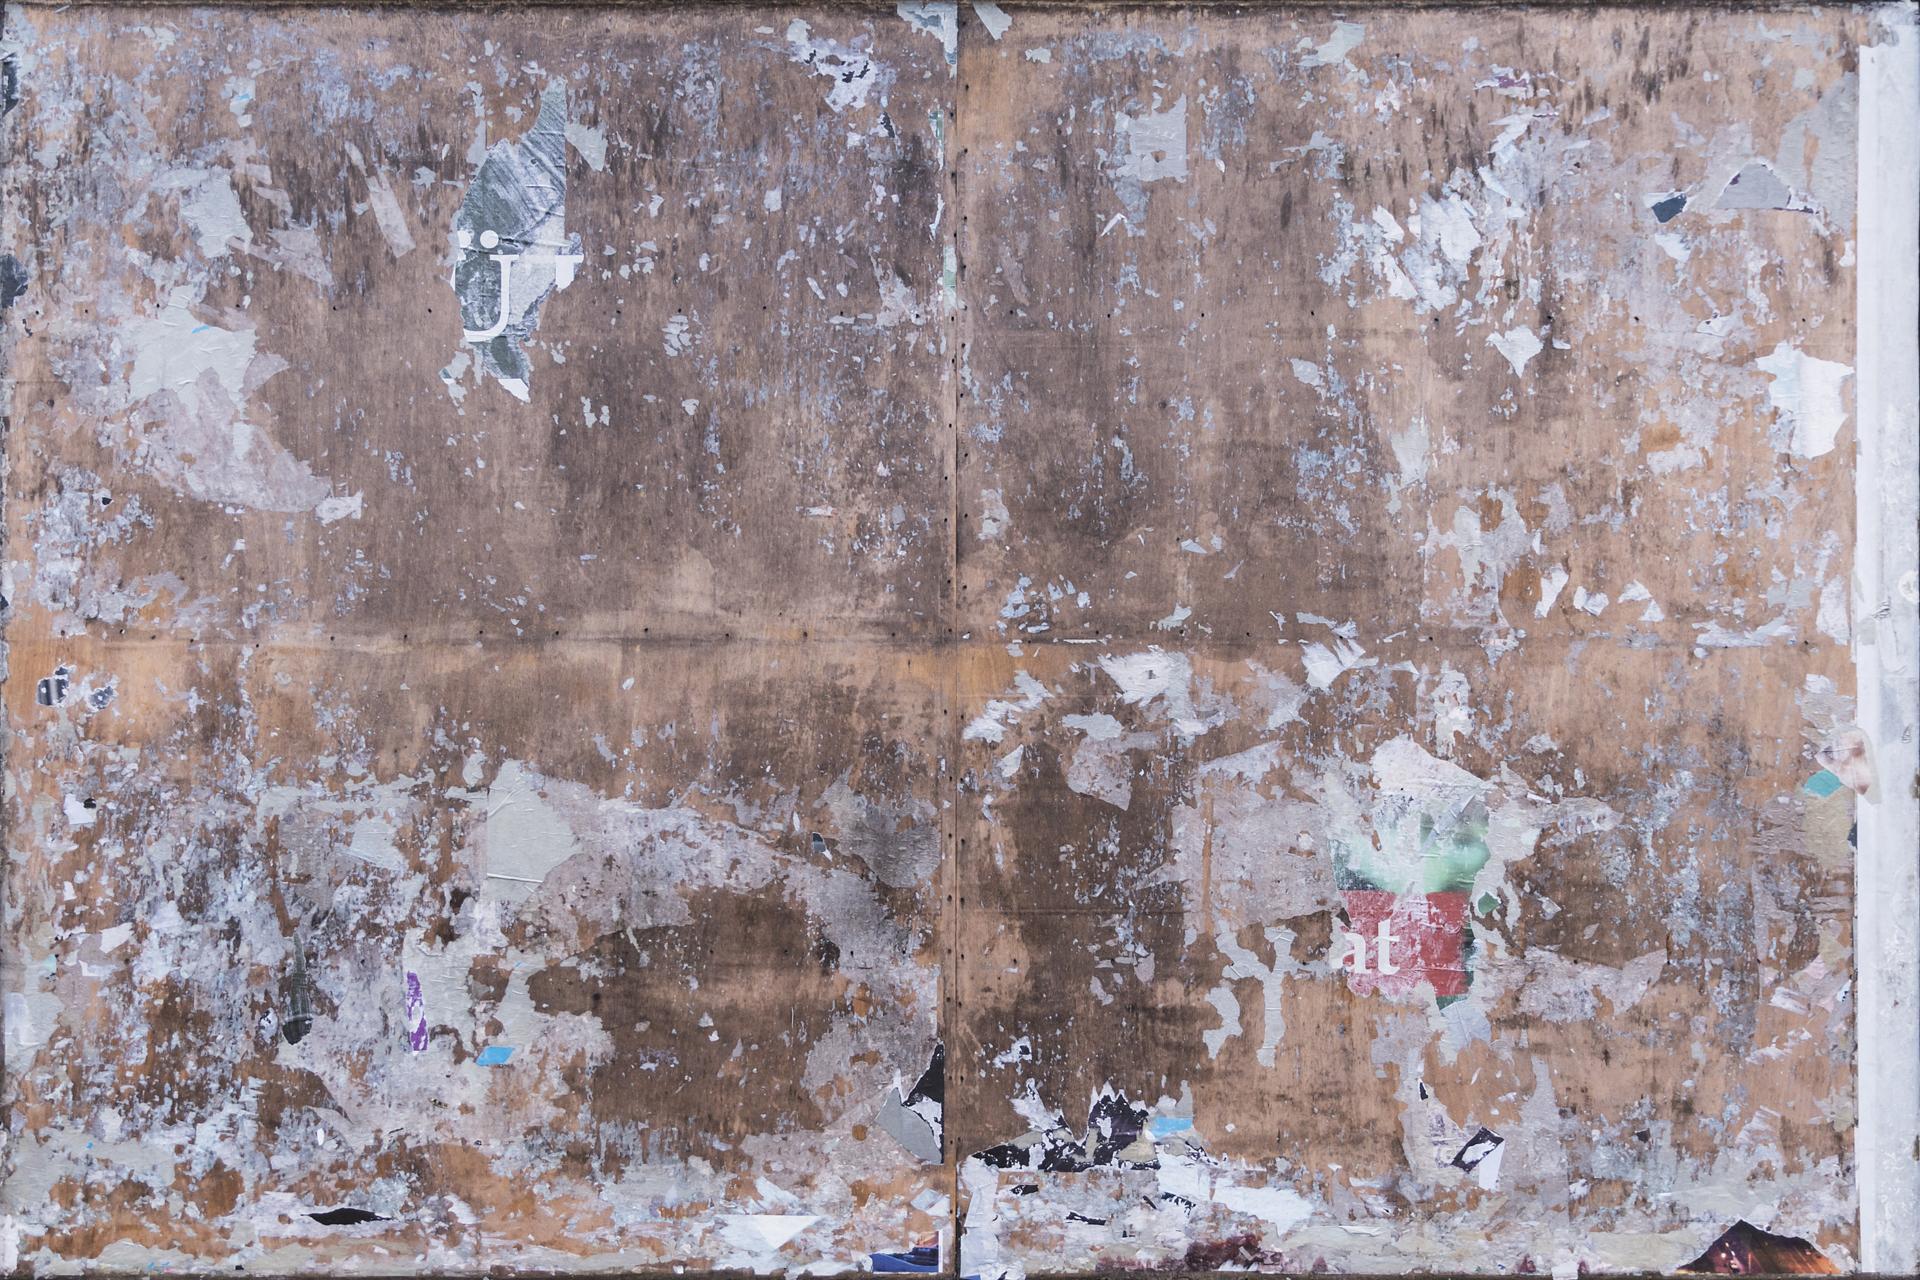 rückständig II • Lambda-Print auf FUJIFILM Crystal Archive DPII, 60 x 40 cm, rahmenloser Bilderhalter • Auflage: 5 + 2 Artist's Proof